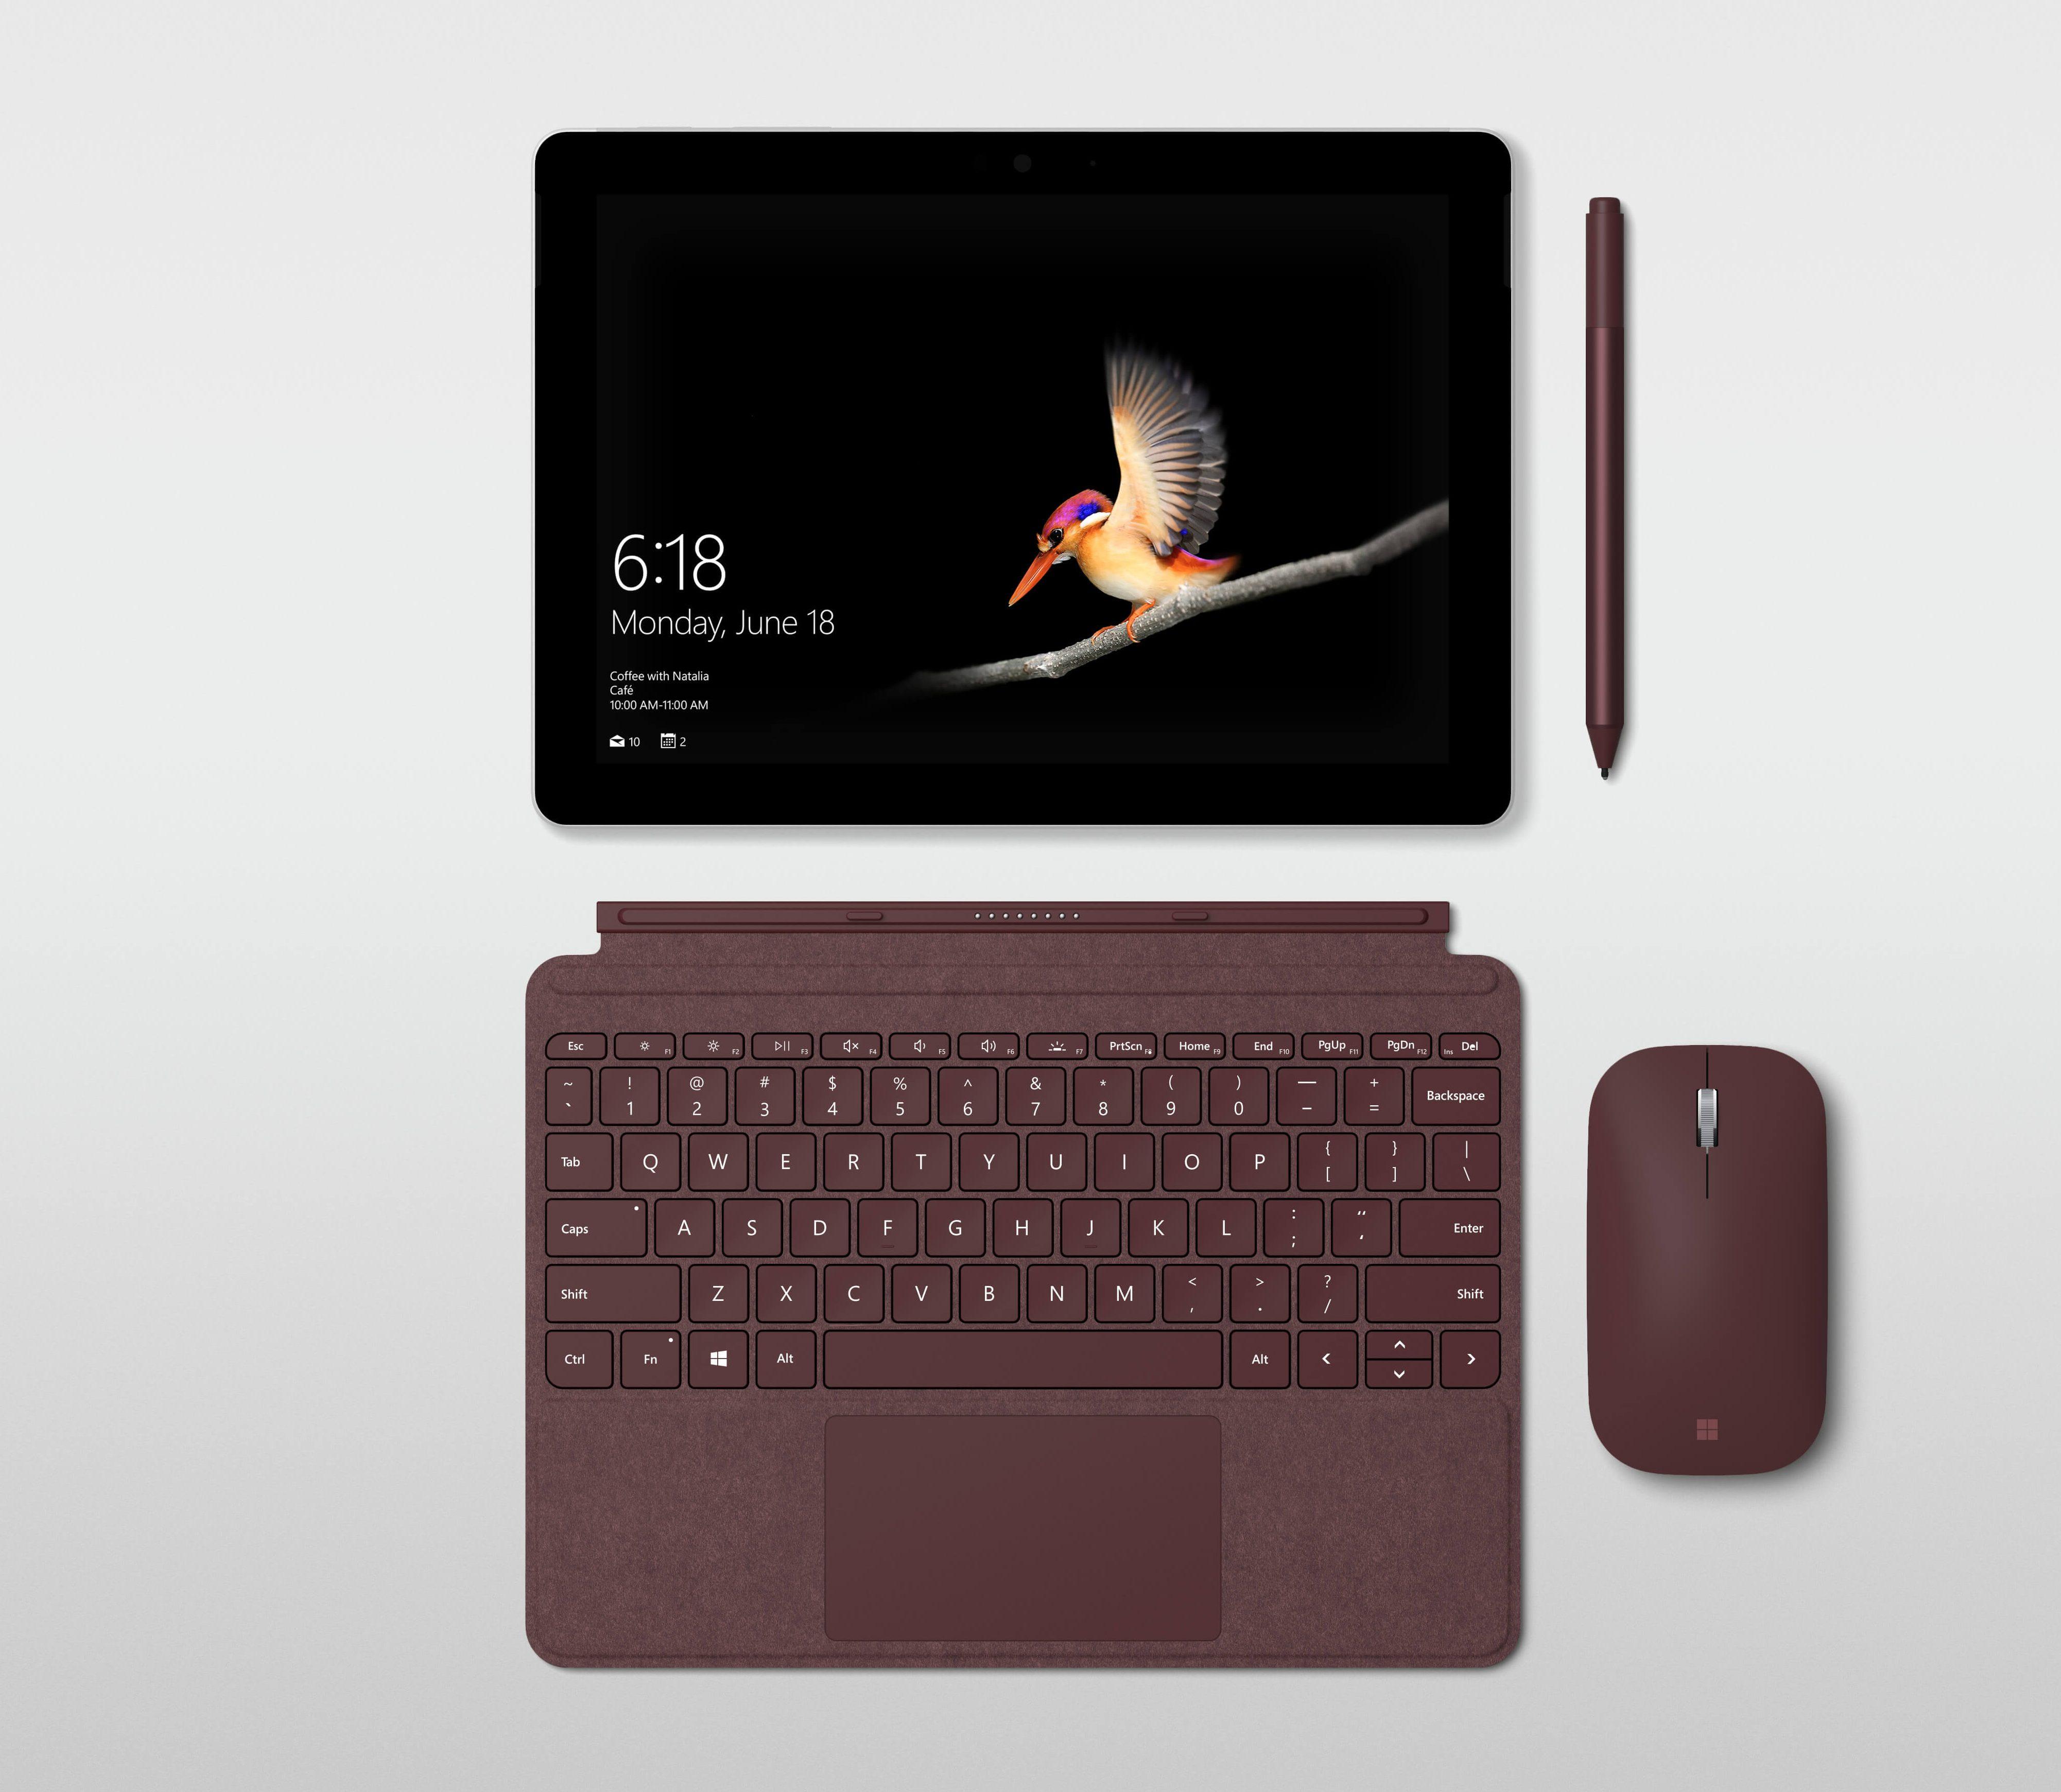 Microsoft Surface : un modèle Surface Go présenté aujourd'hui !